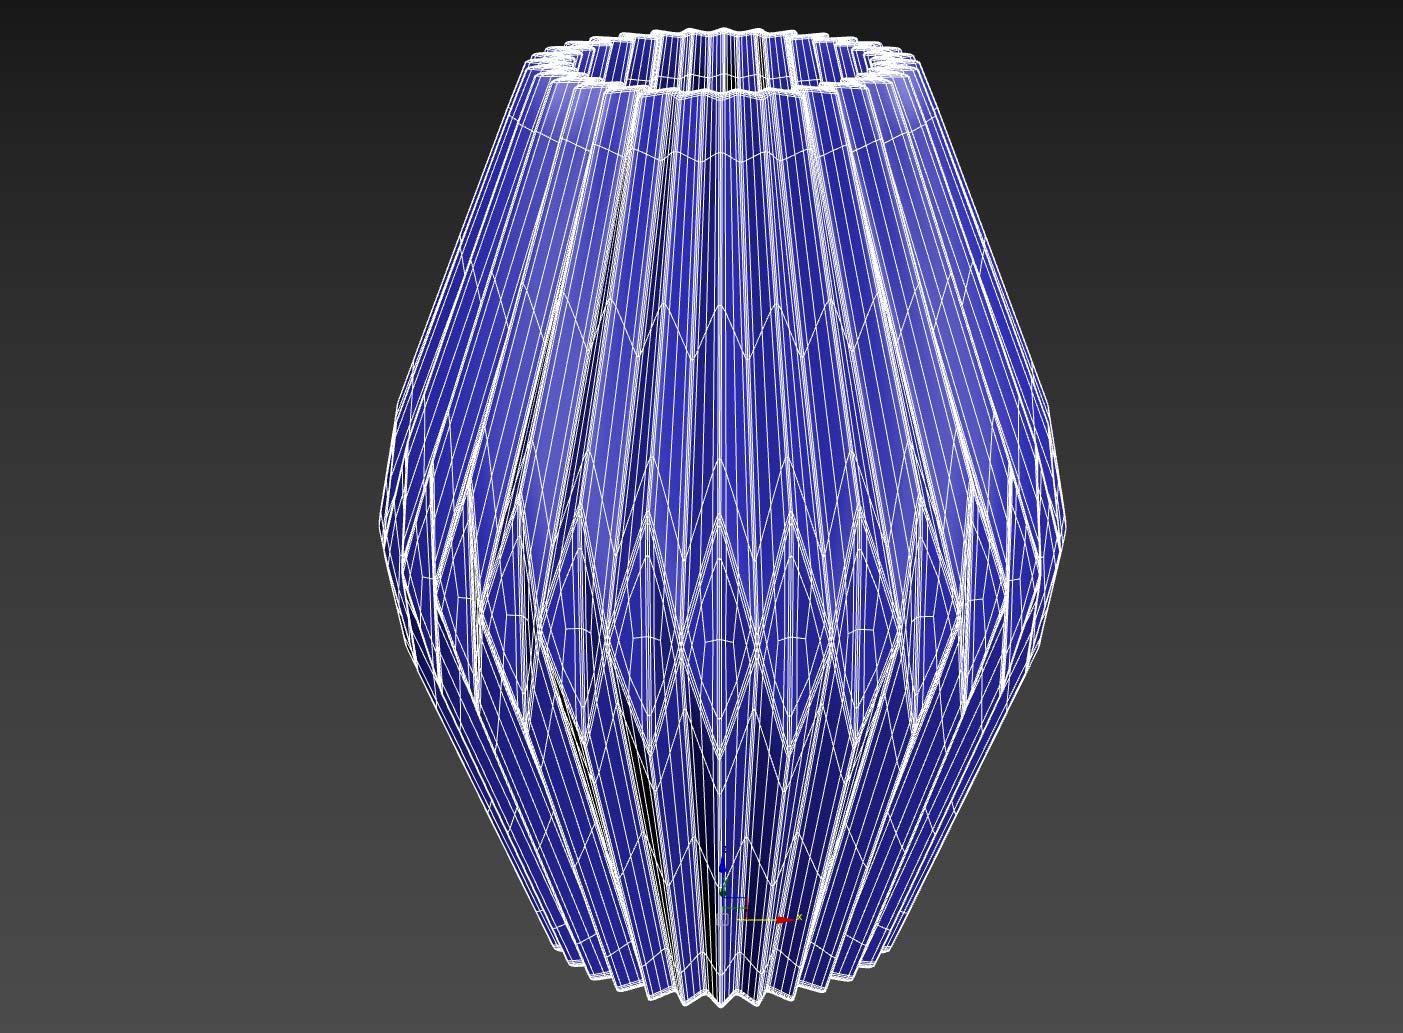 Vase_003.jpg